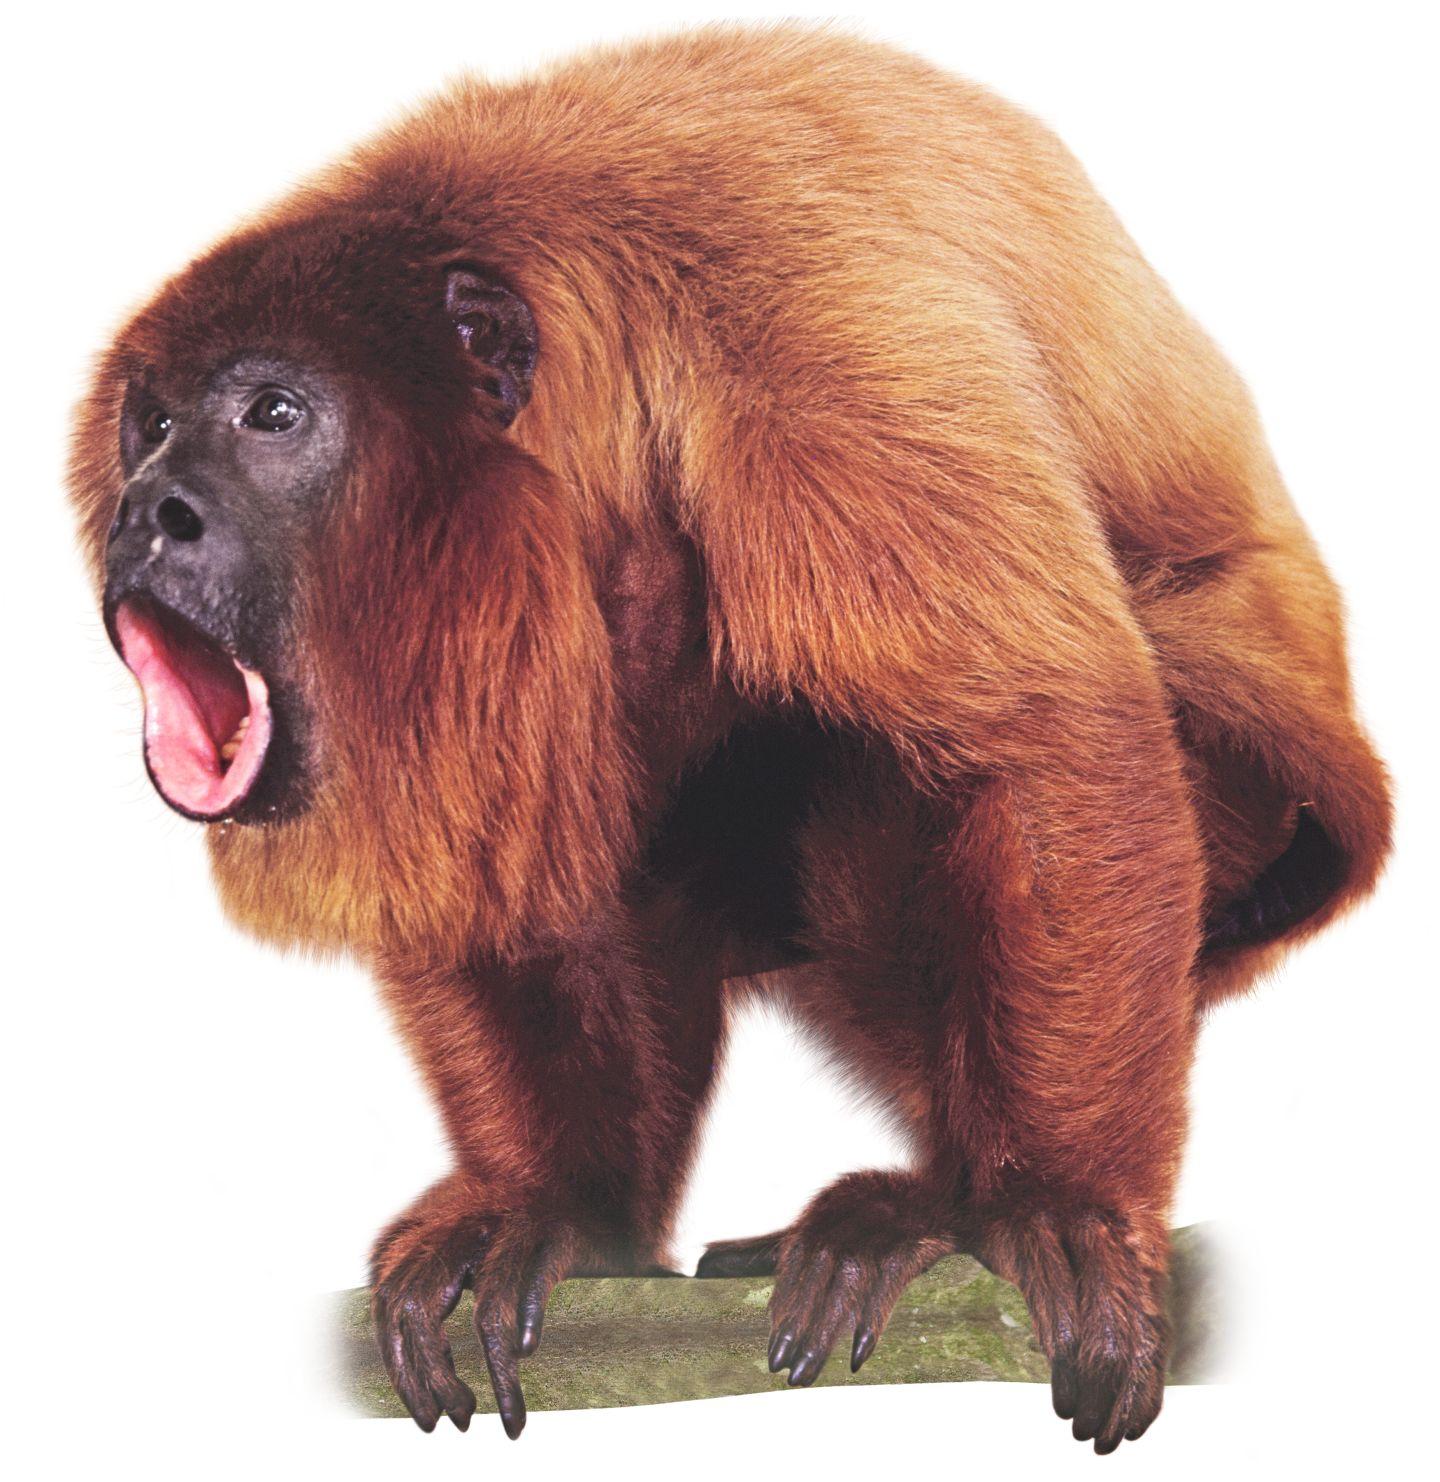 Monkey PNG HD  - 121664